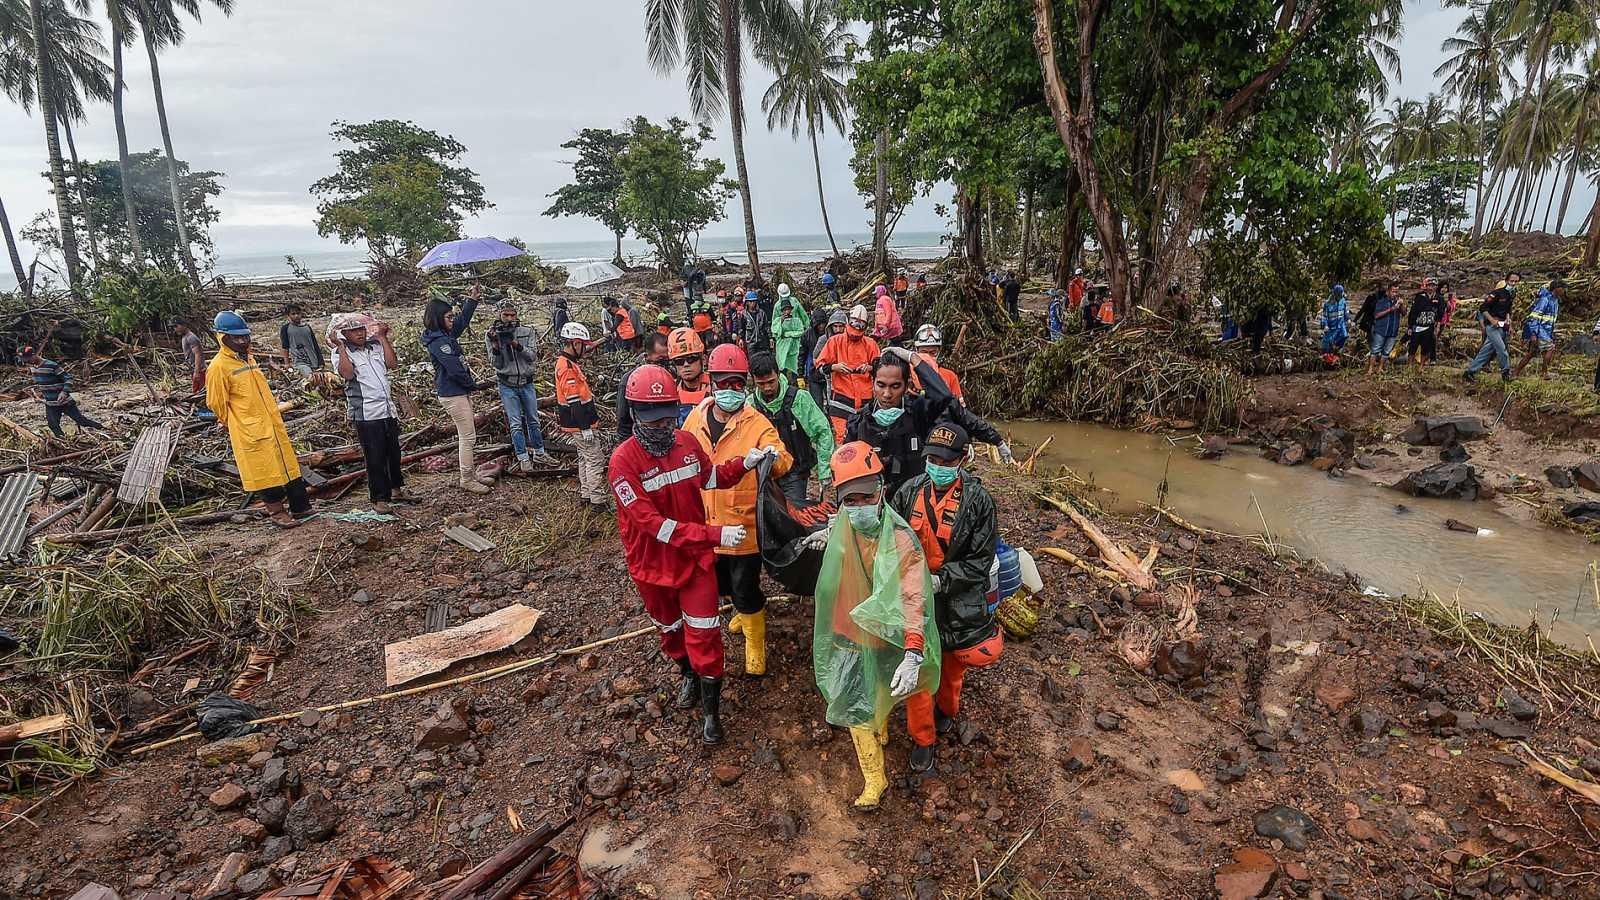 Indonesia busca a los desaparecidos del tsnuami con el miedo a una nueva tragedia